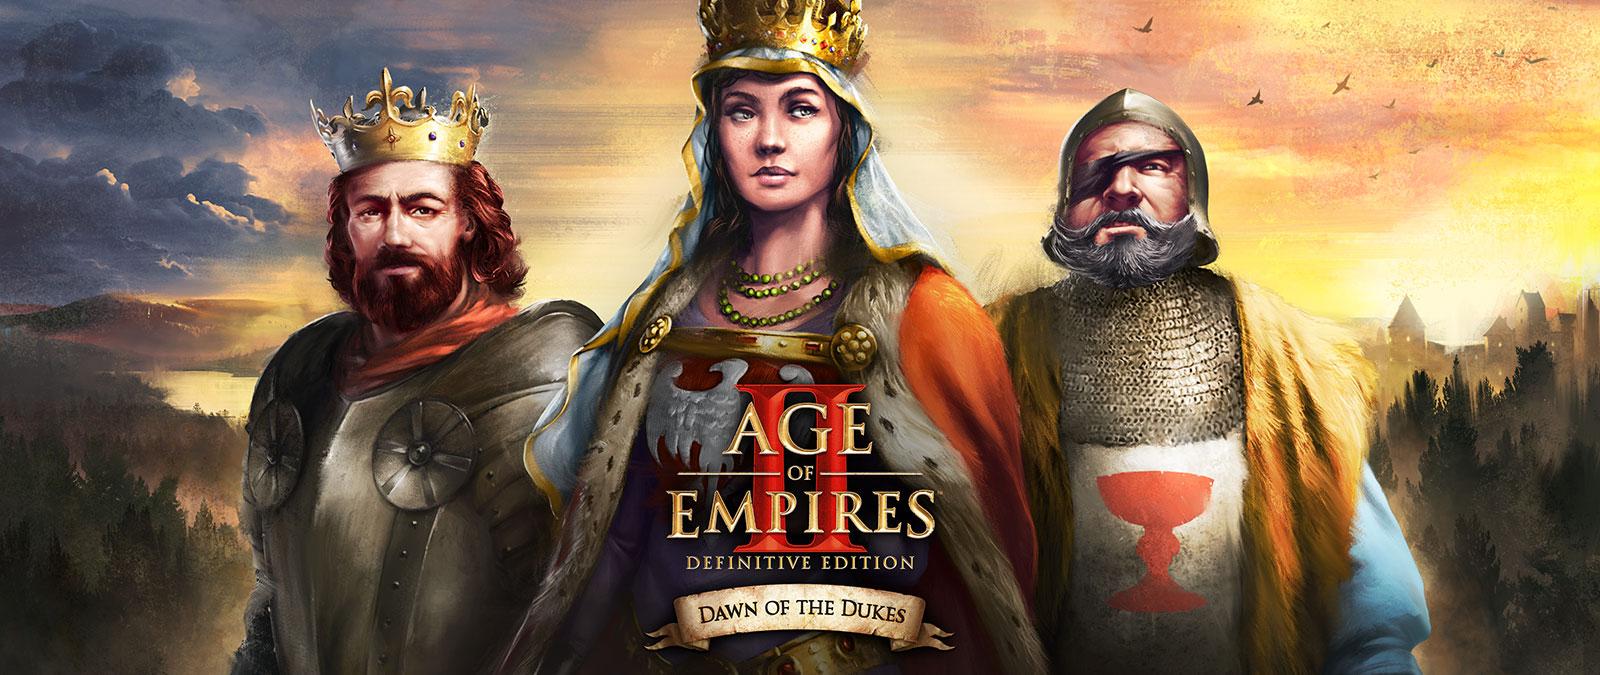 Age of Empires II: Definitive Edition. Dawn of the Dukes. Tre karakterer poserer.